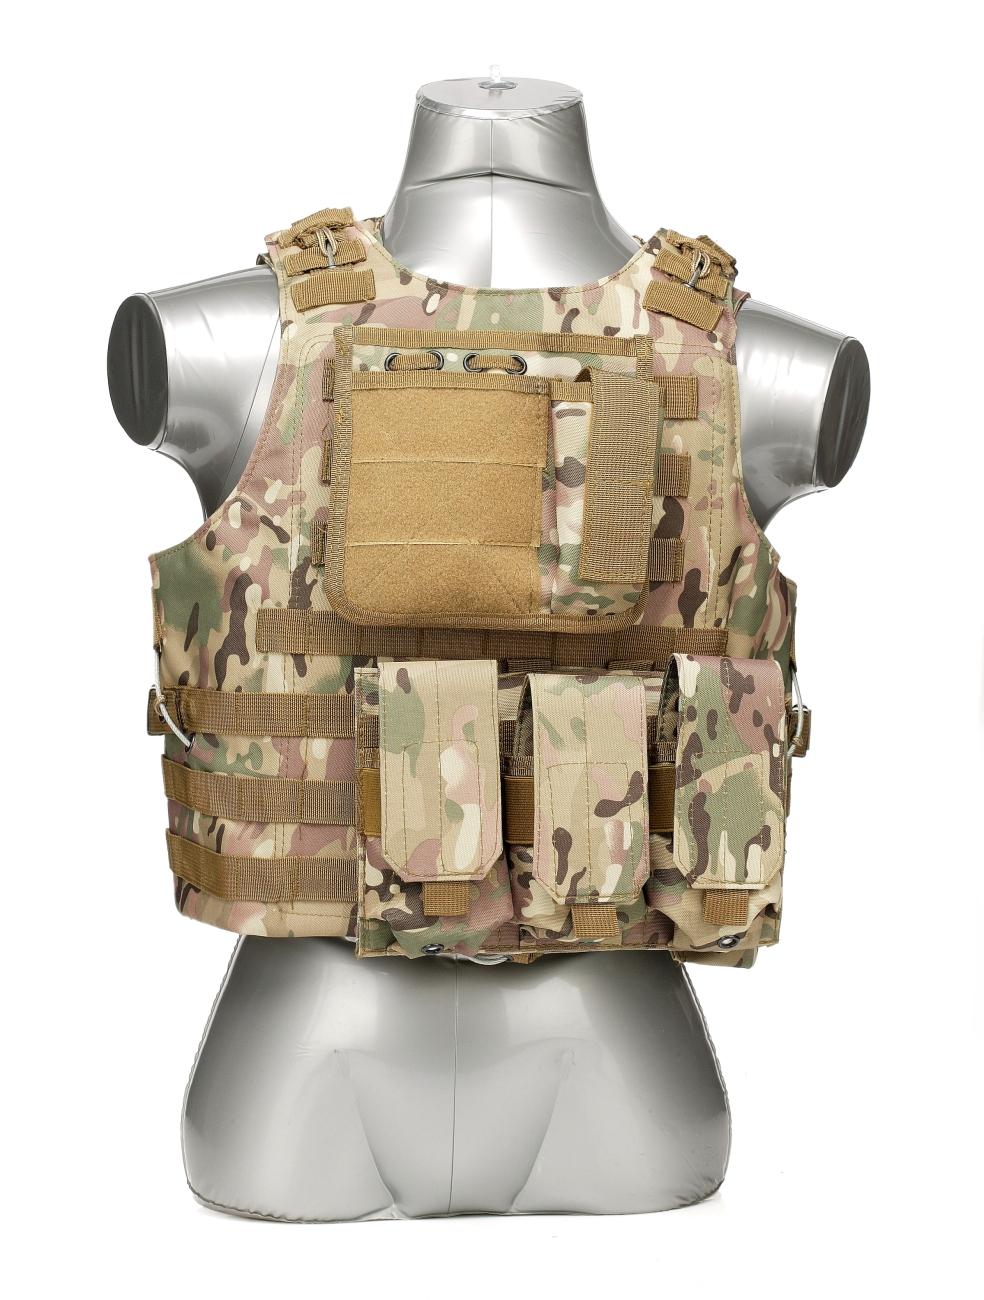 Тактический жилет-разгрузка с возможностью вставки бронепластин недорого